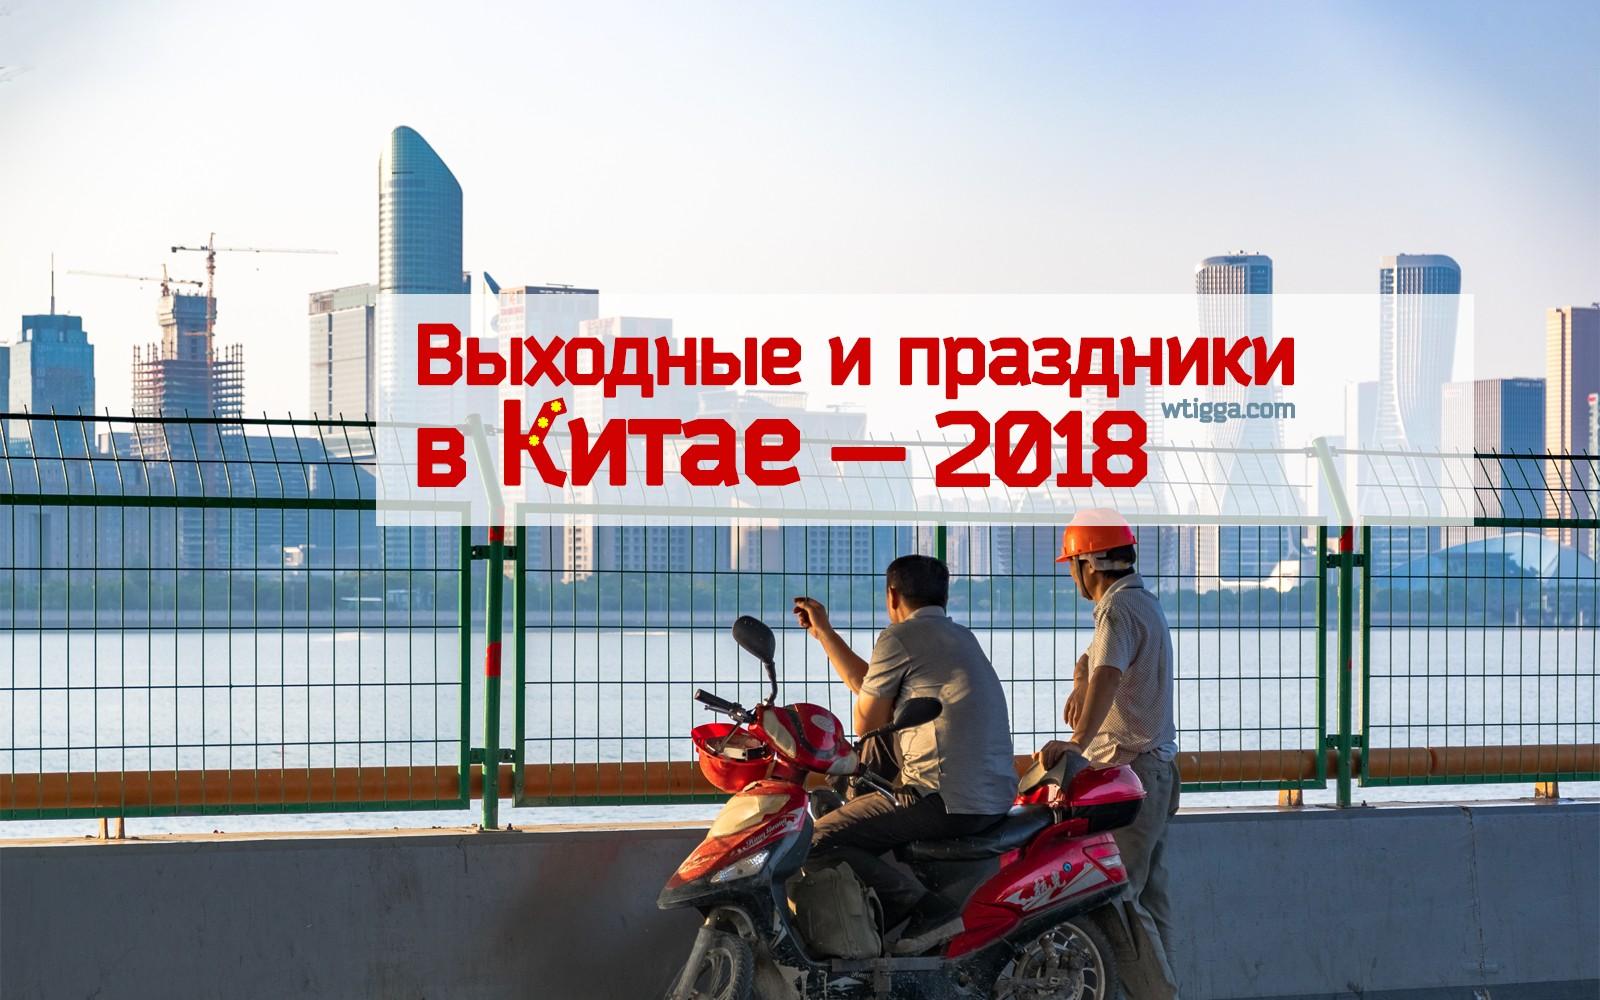 Календарь выходных Китая 2018